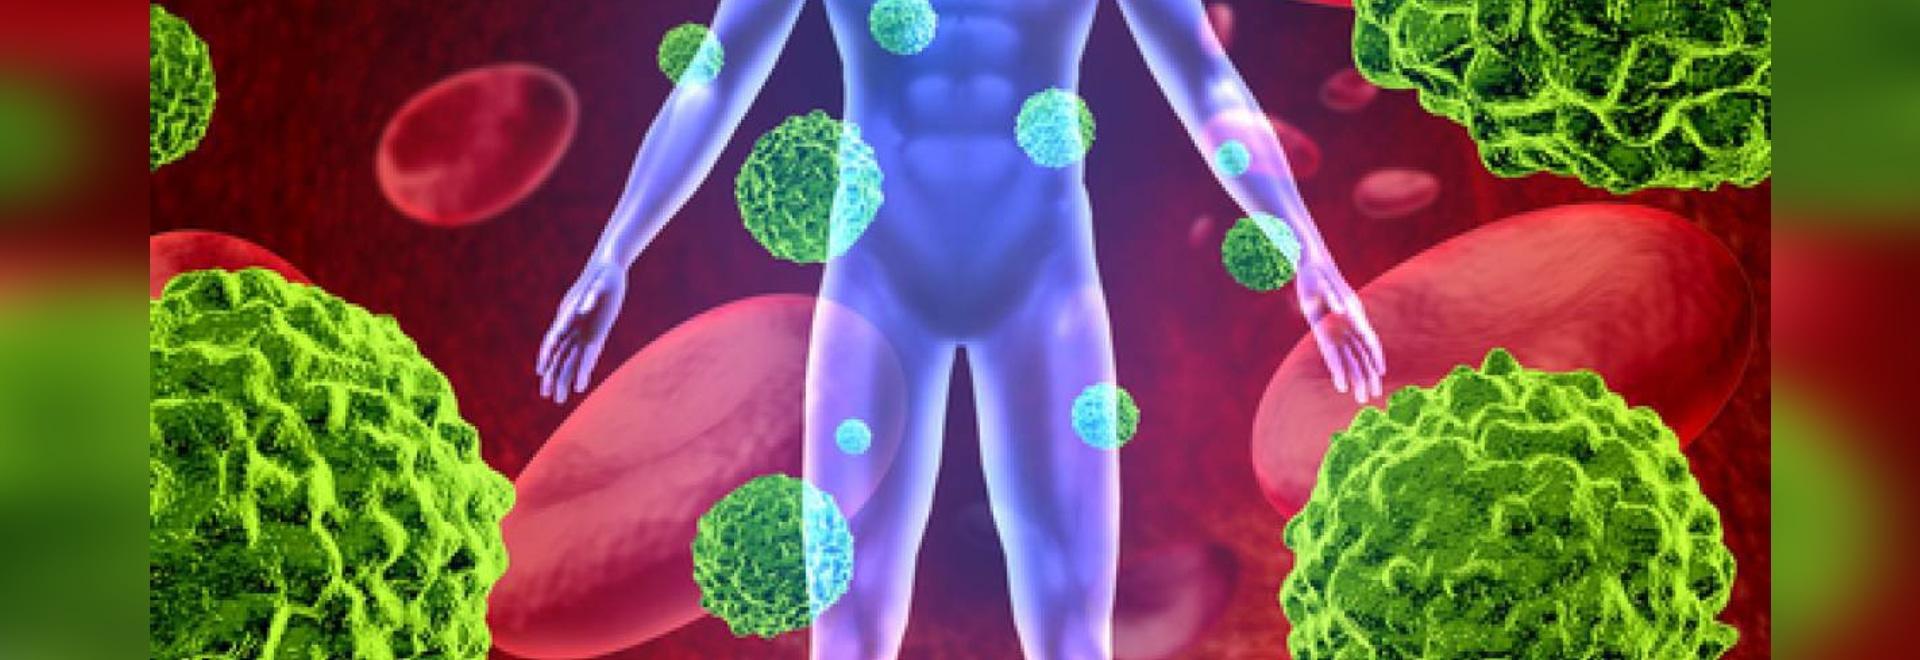 Gründliche Analyse deckt Immunsystemdynamik nach Immunotherapy auf